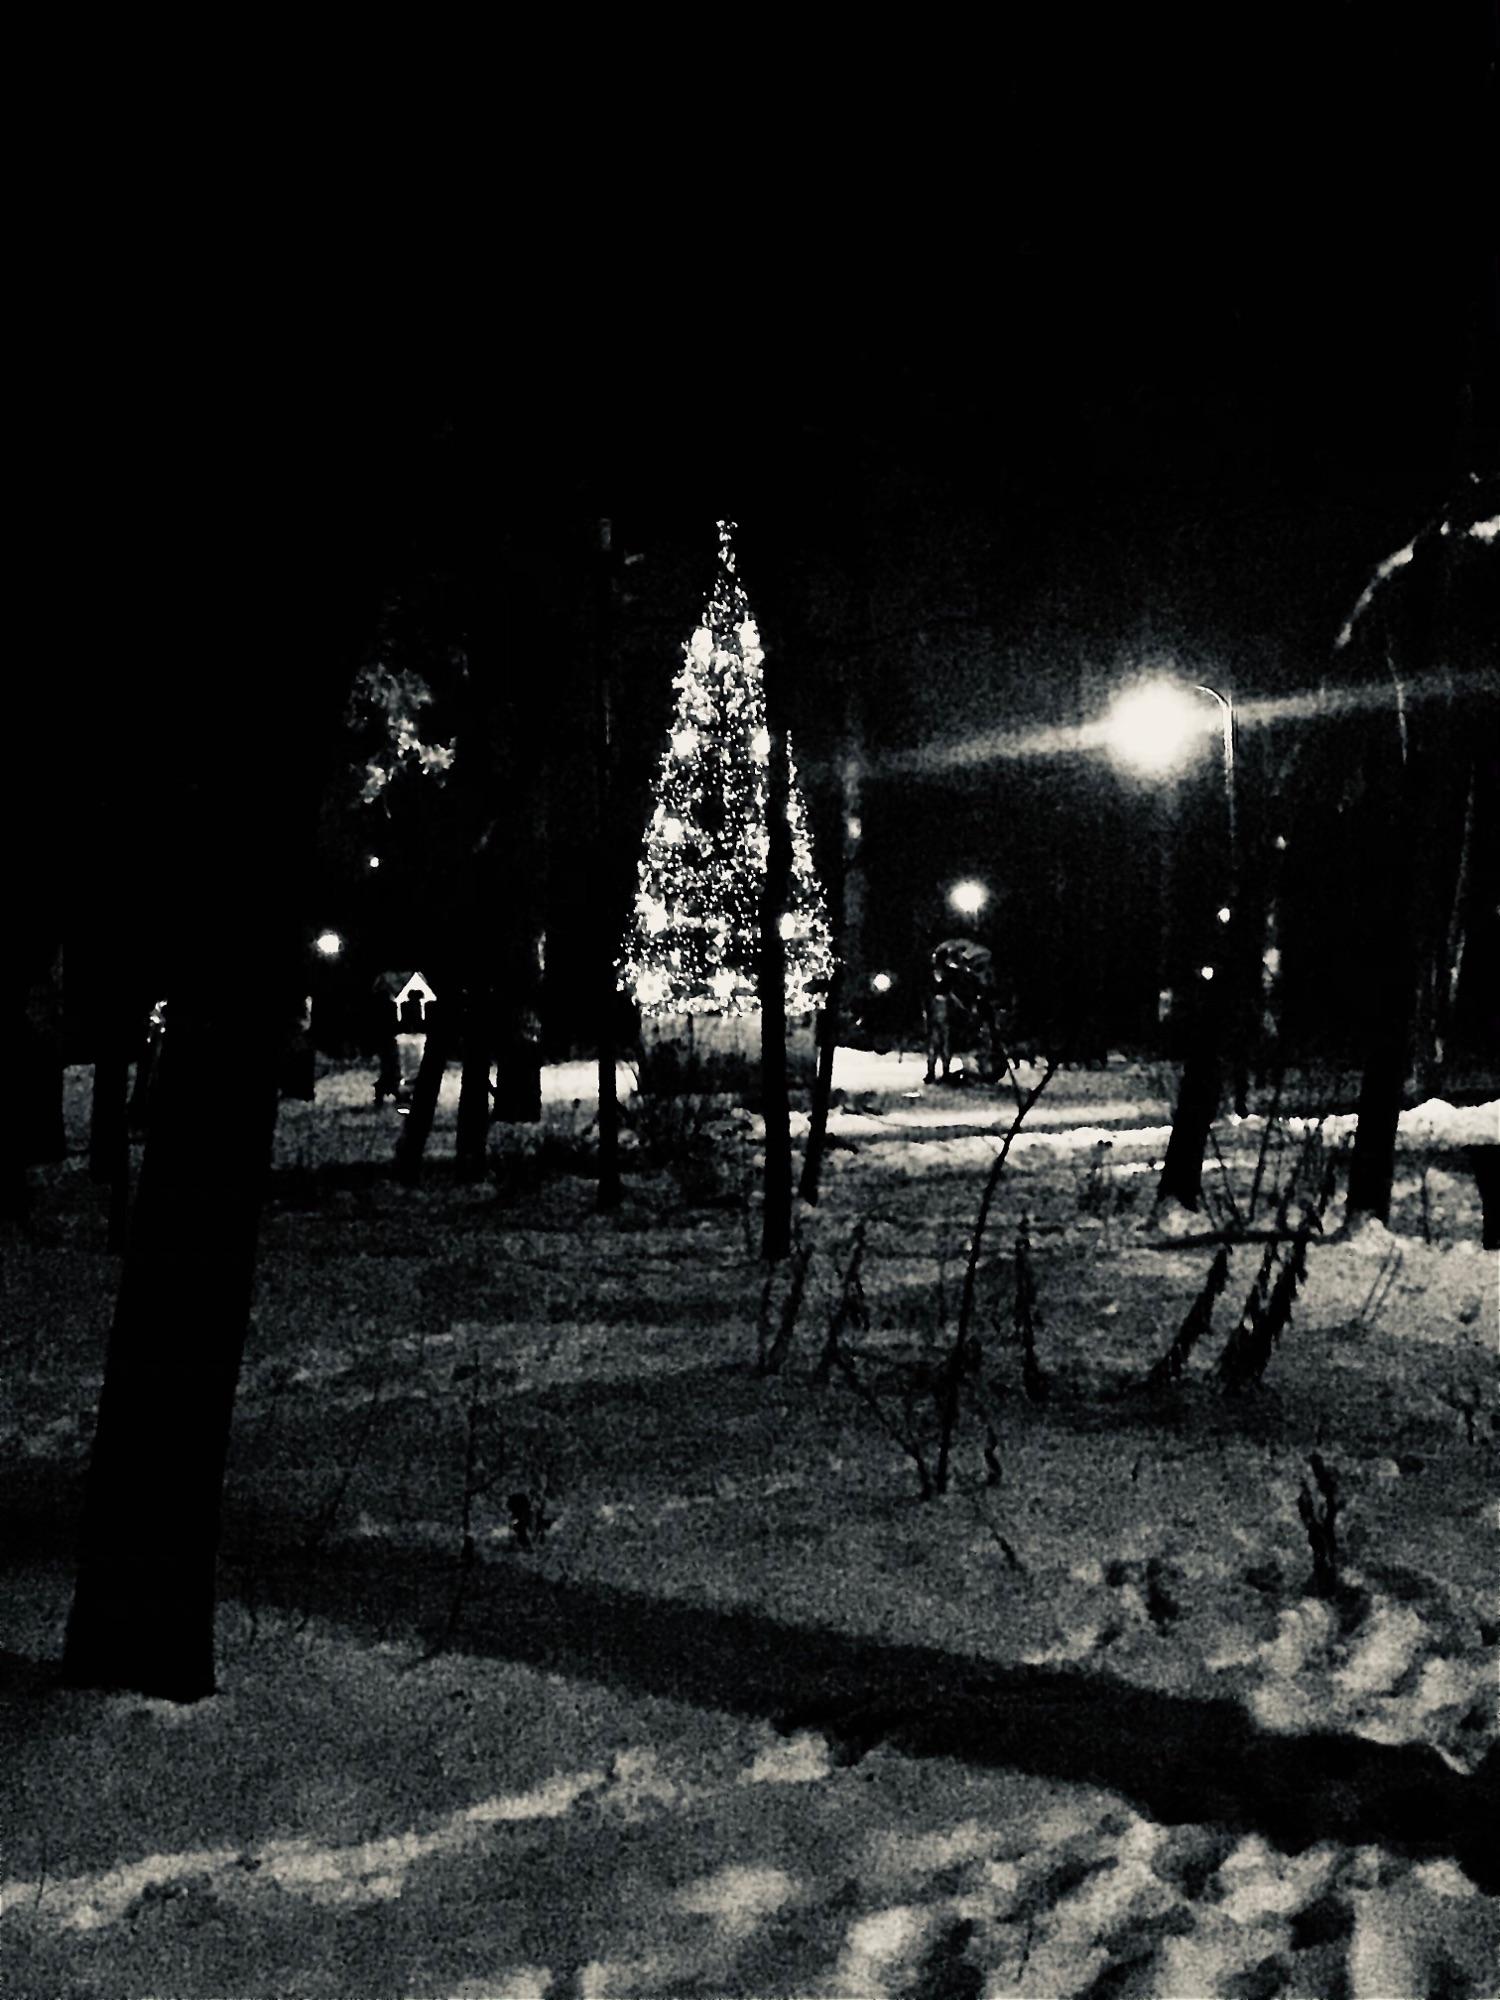 Вот такая елочка стоит в парке сказок в Томилино. Здесь очень тихо, а елочка виднеется меж сосен издалека. Медитативно переливается среди волшебных фигур своими огнями. Каждый раз, идёшь мимо неё поодаль и она будто манит к себе, как нечто таинственное и сказочное. А когда встанешь посмотреть на эту красоту, находишь успокоение и становится тихо в душе.